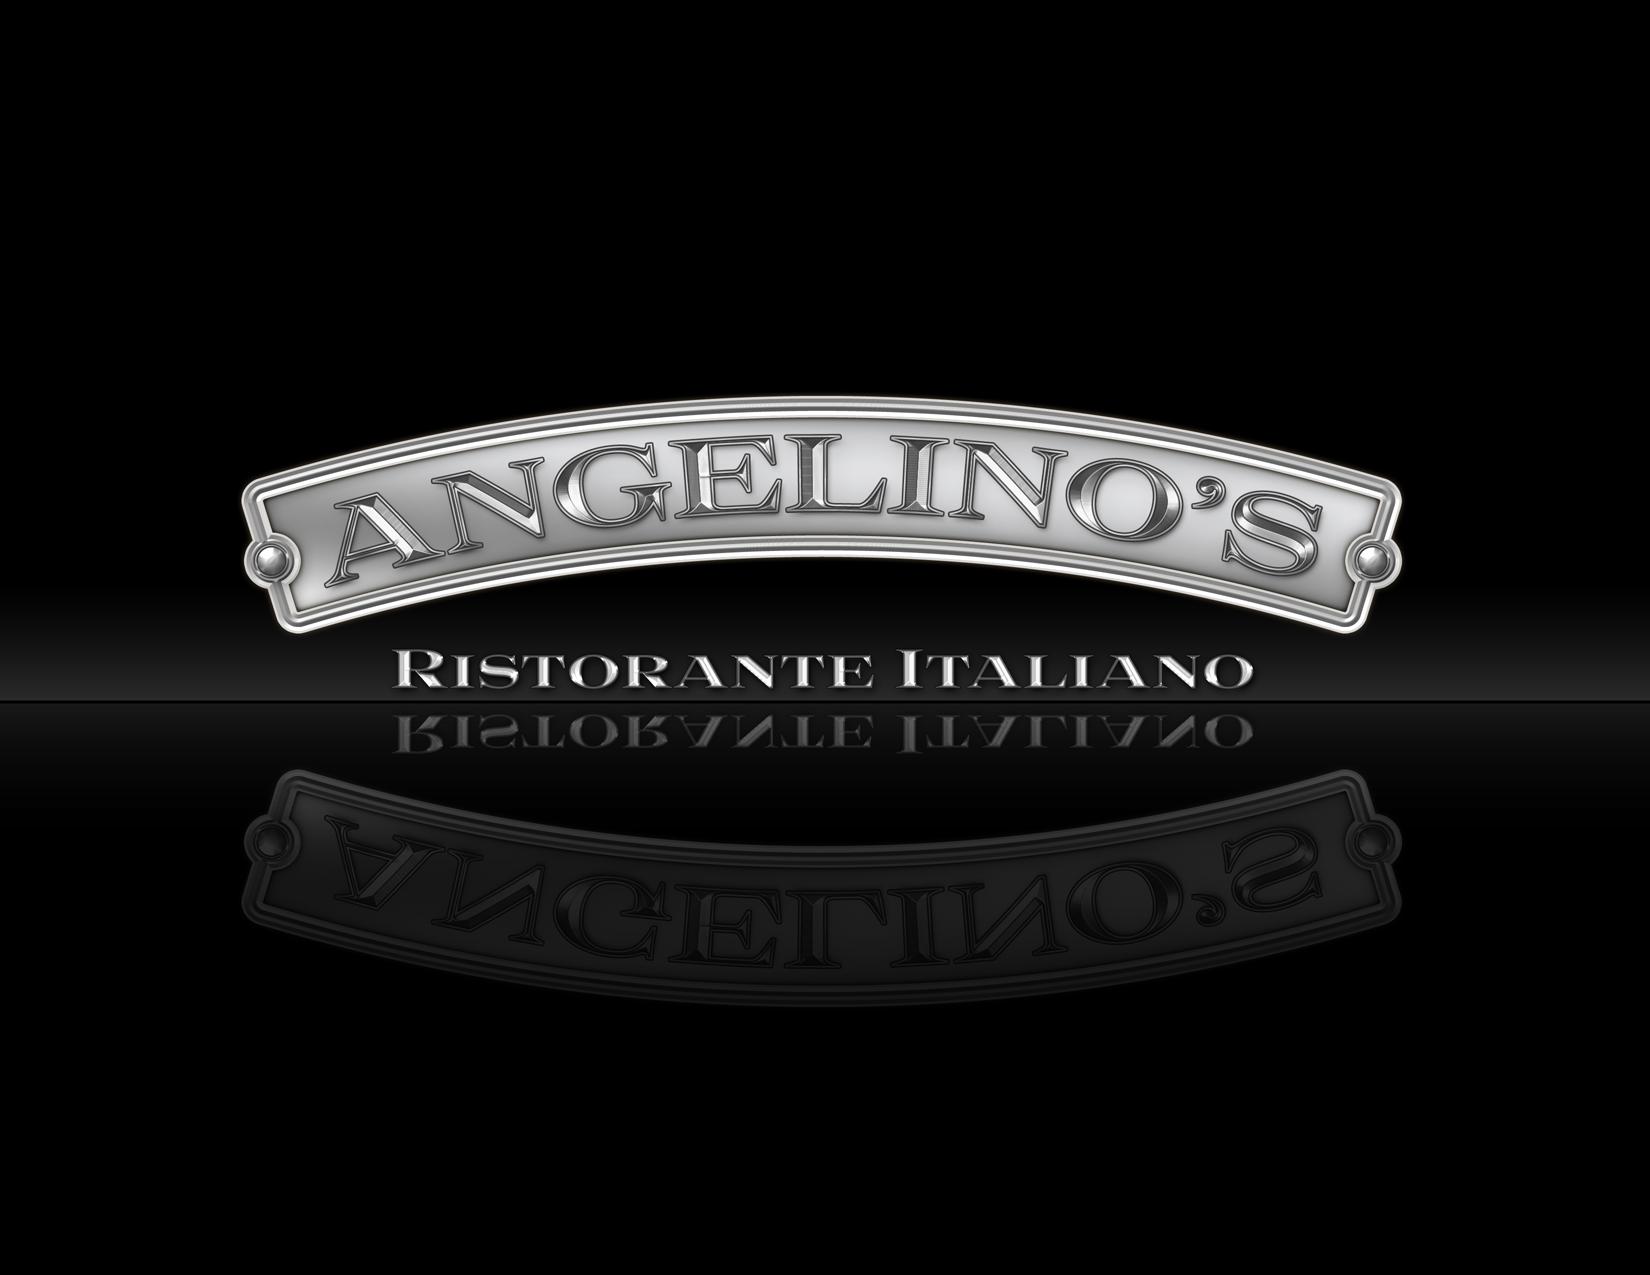 Angelino's Ristorante Italiano